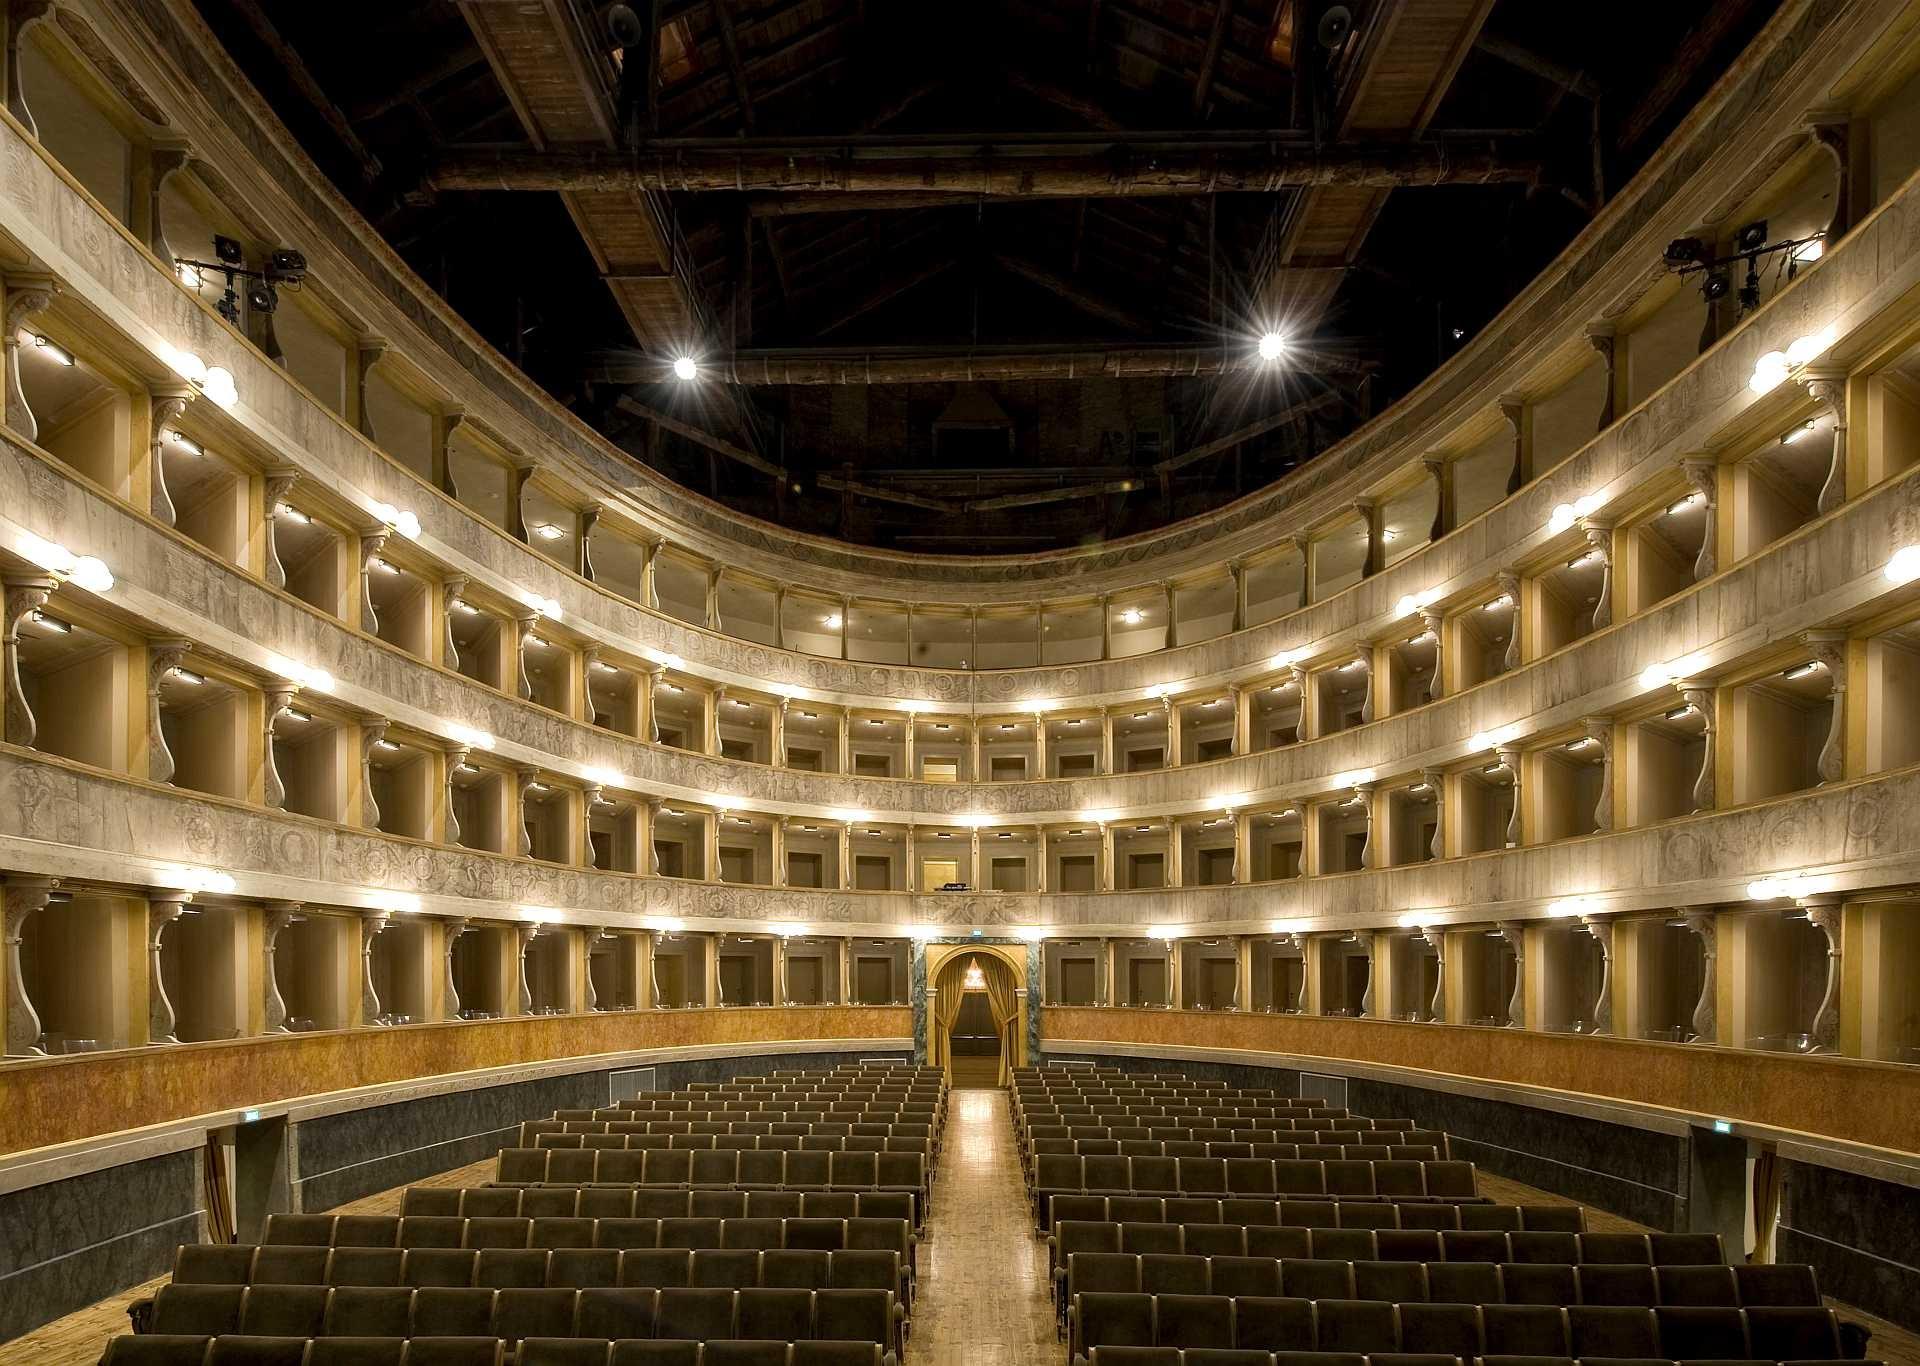 Teatro Sociale Bergamo - immagine da VisitBergamo